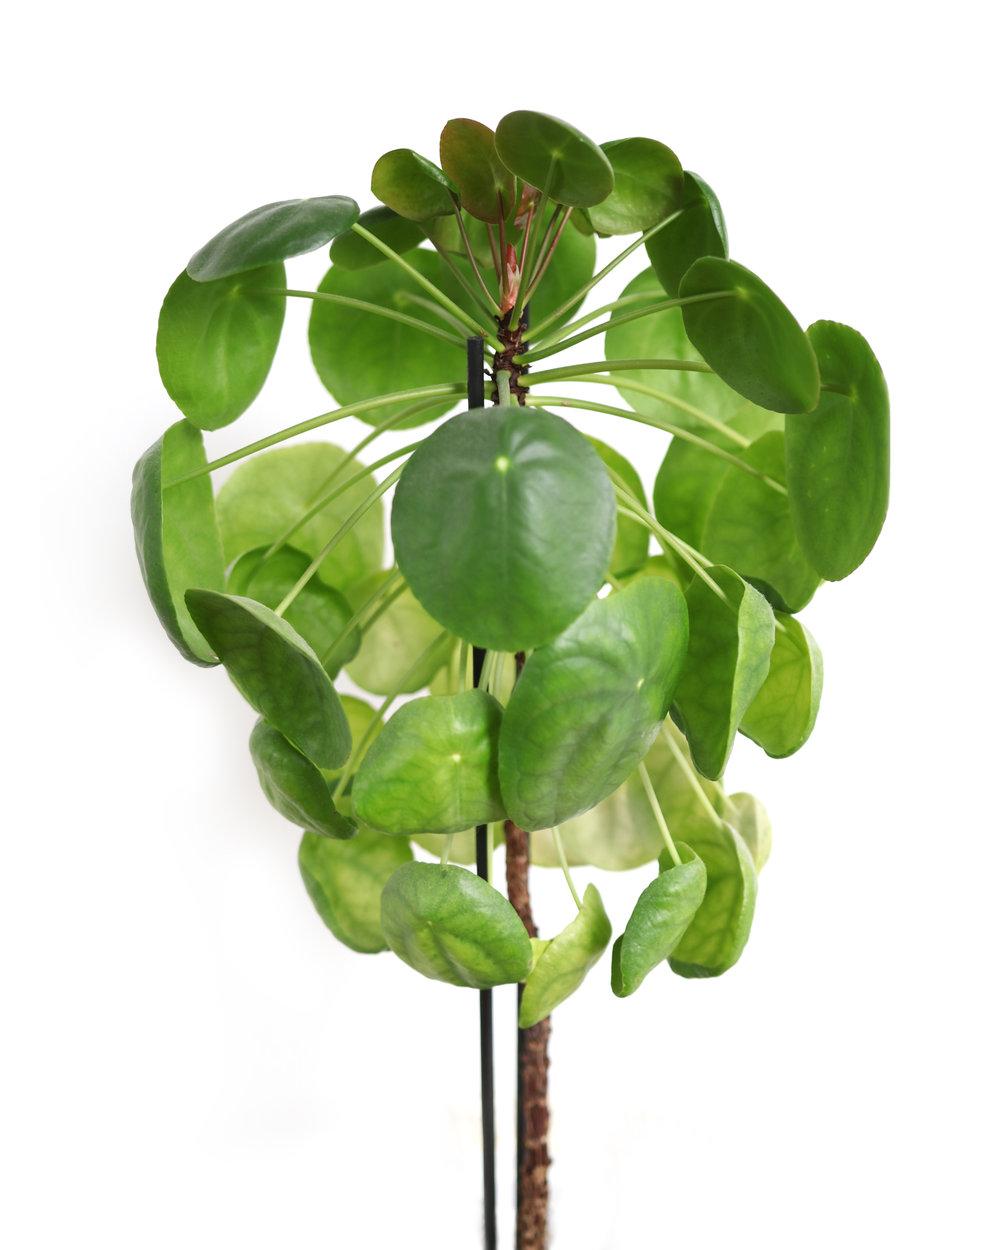 - RoteraBeroende på placering tenderar elefantörats blad att dra sig åt ljuset. För att undvika att alla blad inkl. stam drar åt ett håll och blir krokig kan det vara bra att vrida plantan då och då. På så vis fördelas ljuset och plantan får en jämnare form.